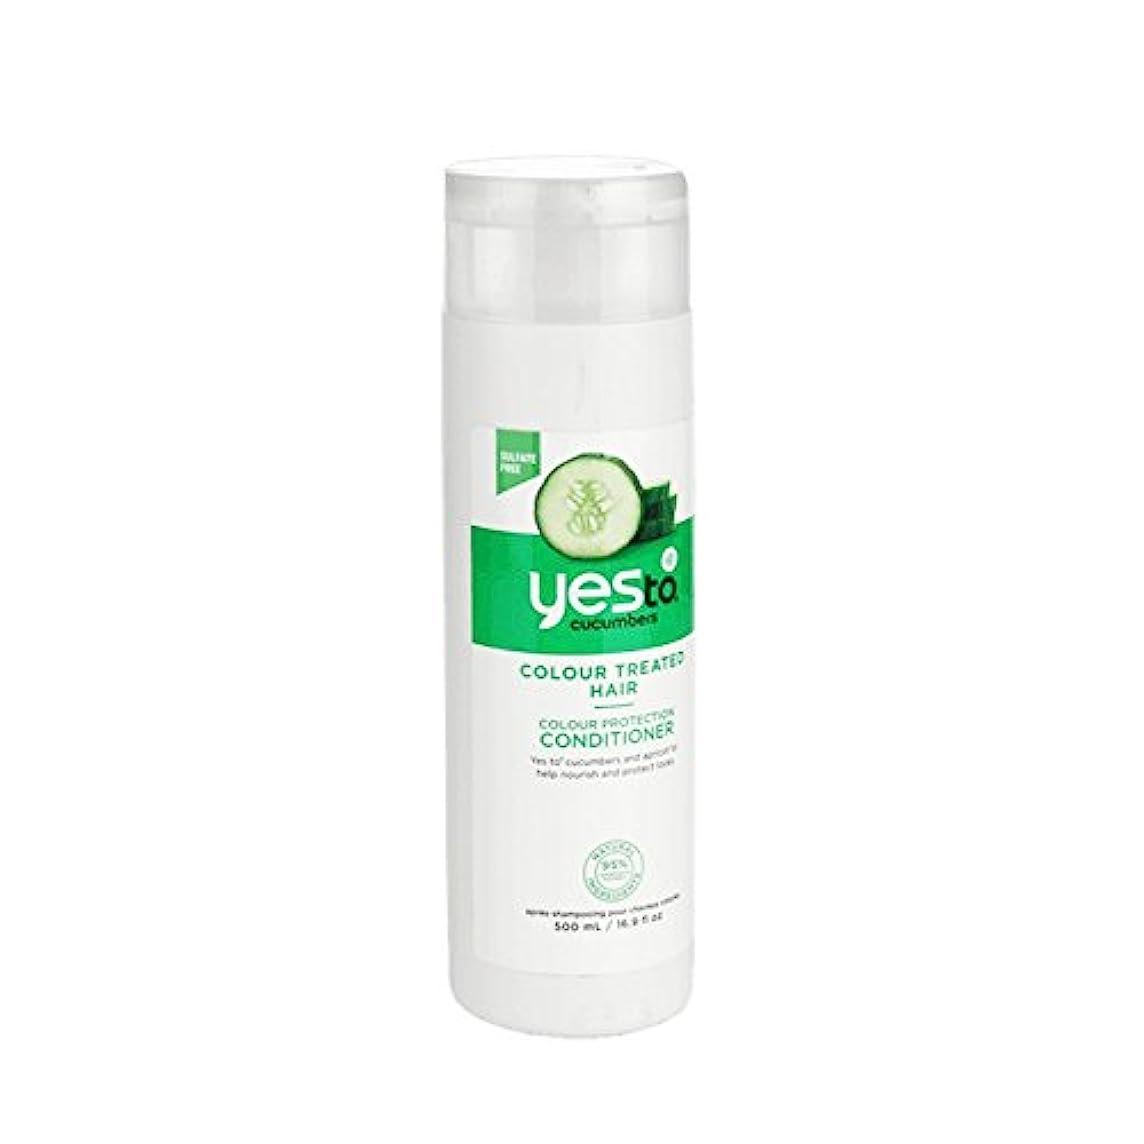 領域ベスビオ山銀行Yes To Cucumbers Colour Protection Conditioner 500ml (Pack of 6) - はいキュウリの色の保護コンディショナー500ミリリットルへ (x6) [並行輸入品]